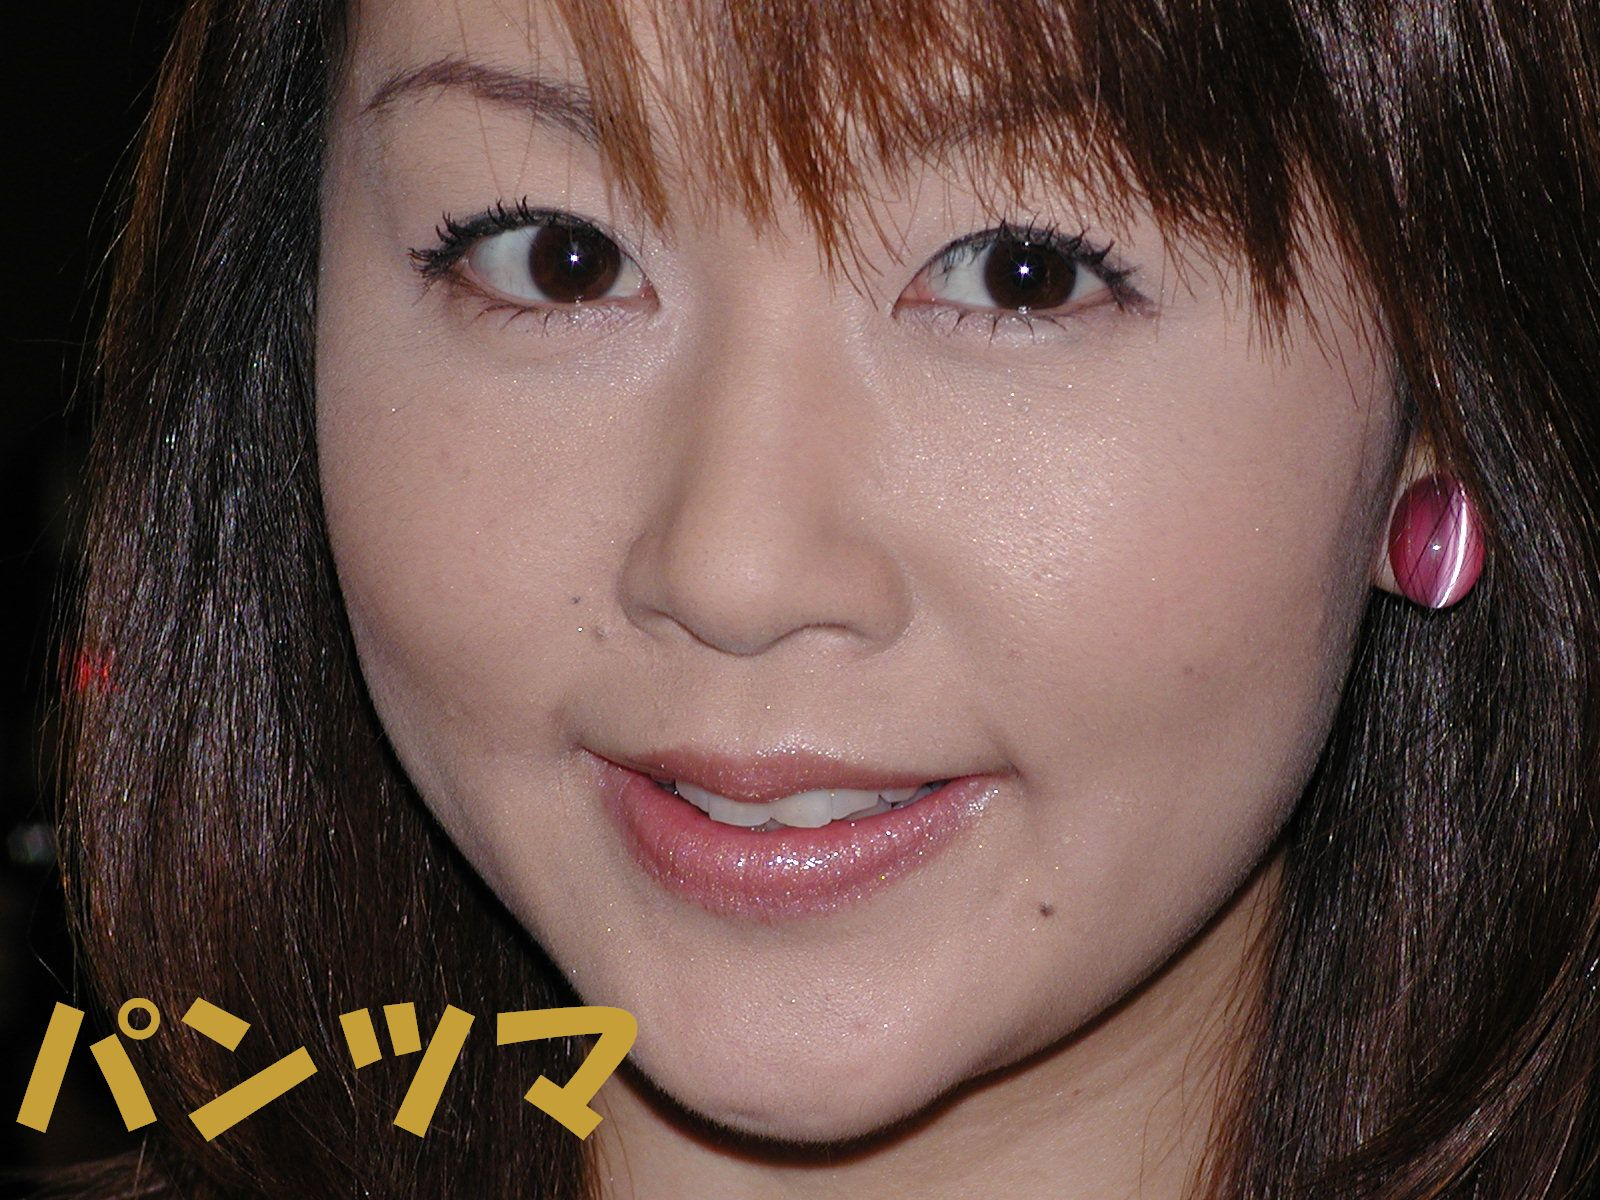 素人 美人 顔アップ 安めぐみ似 a2525fd5.jpg